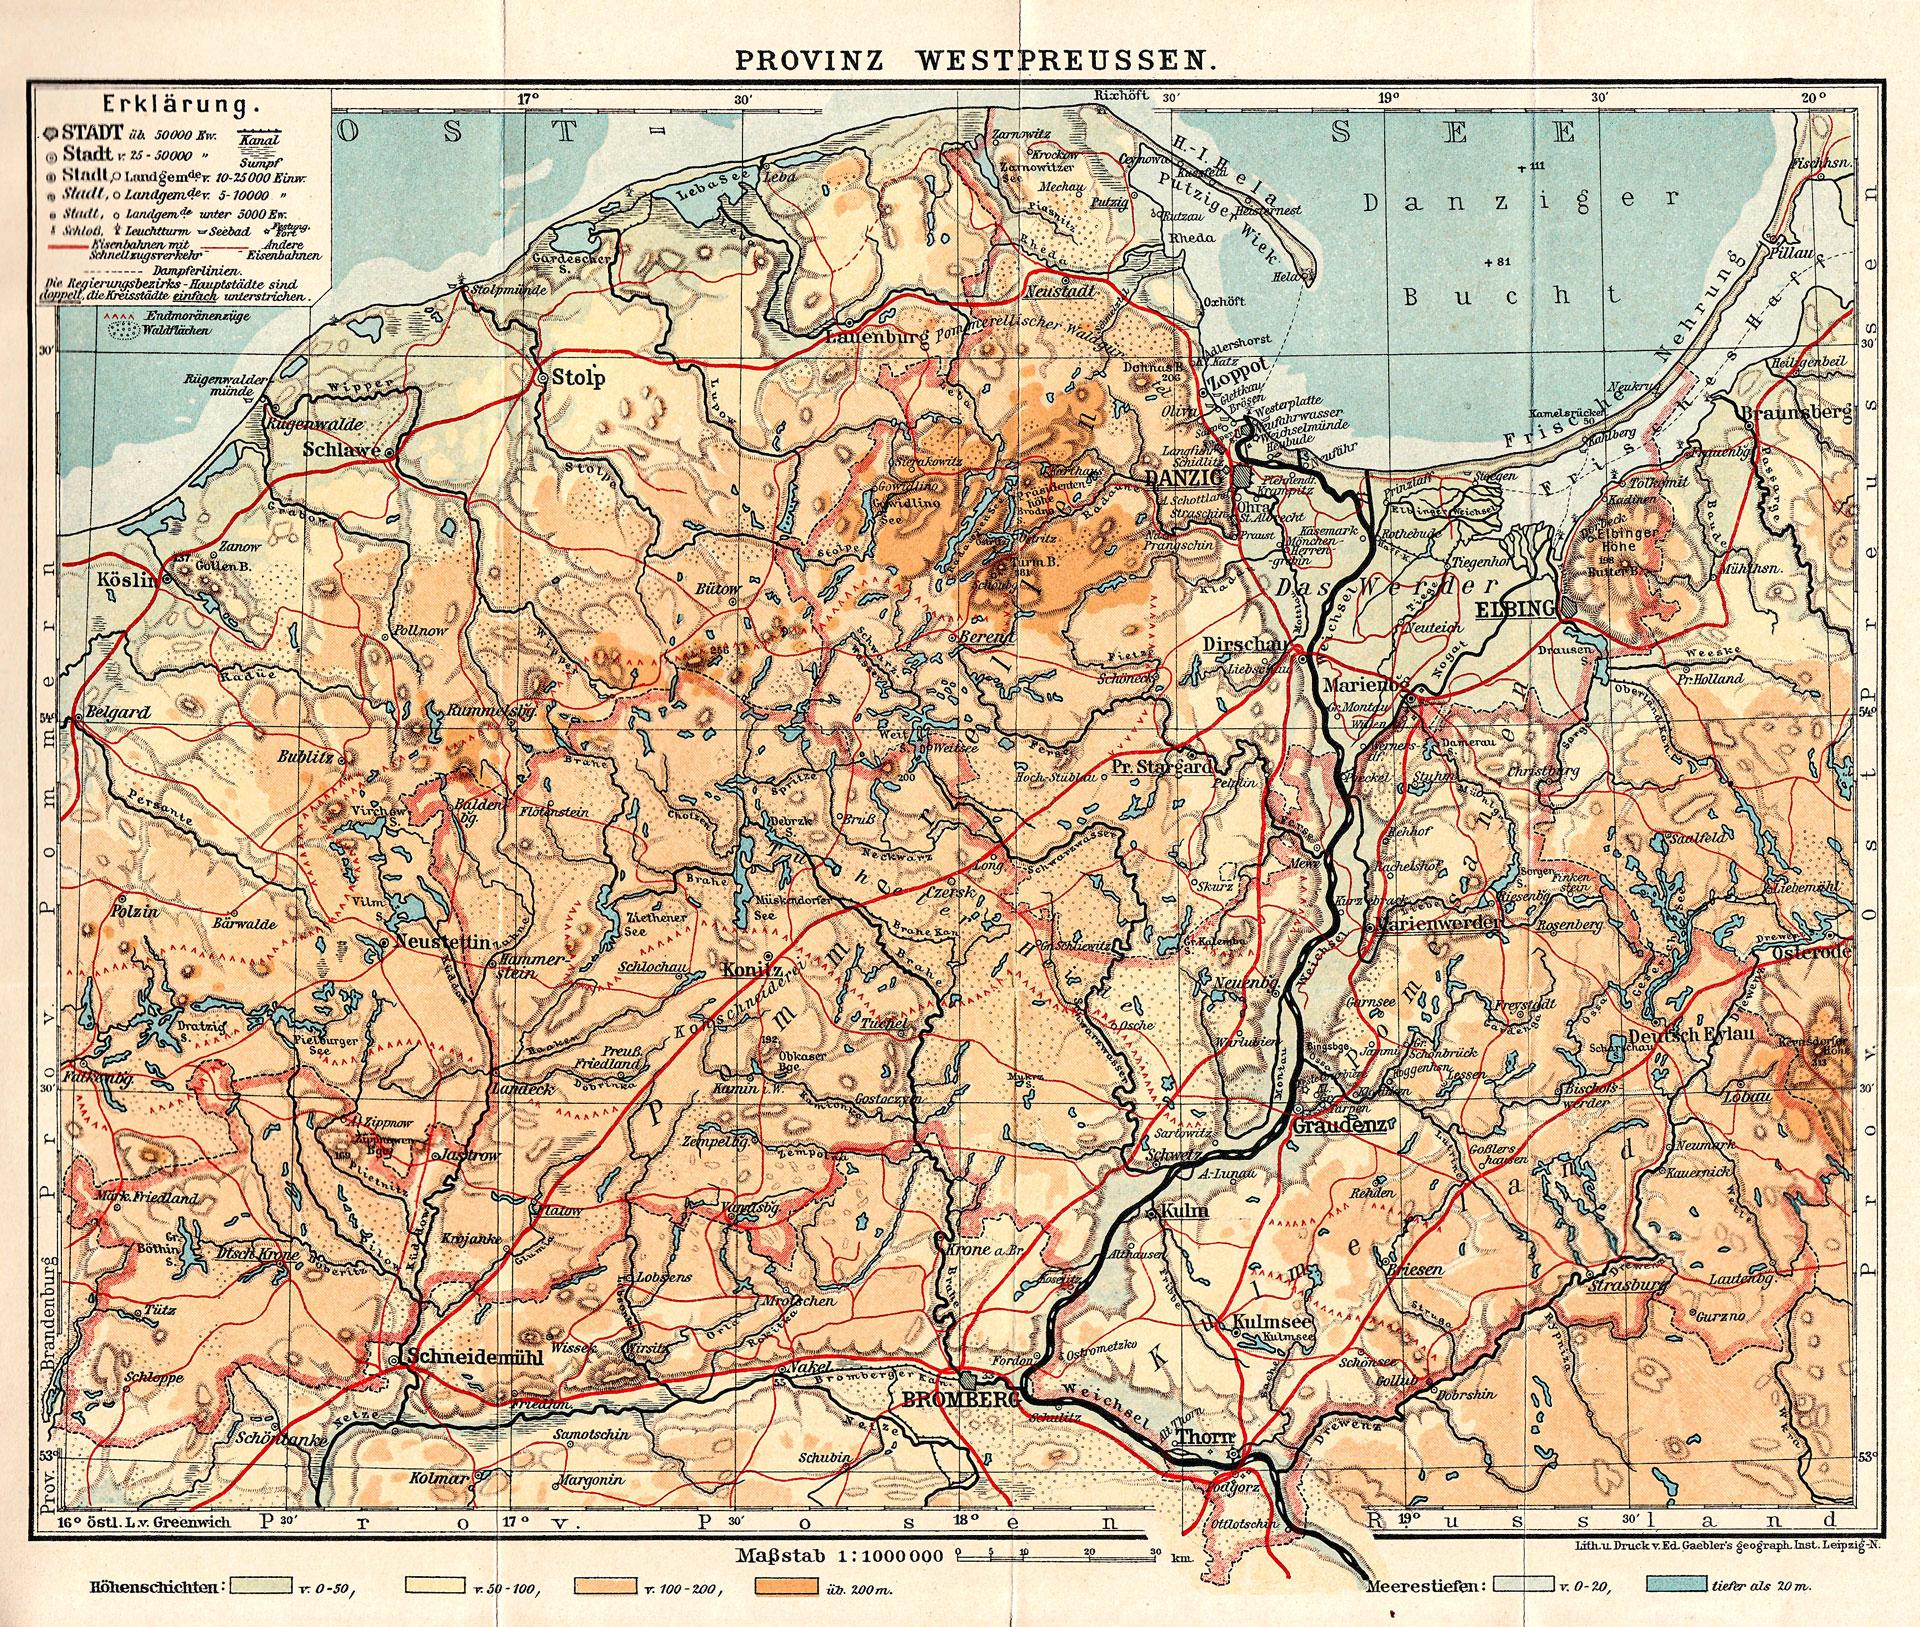 Karte der Provinz Westpreußen, Leipzig 1912